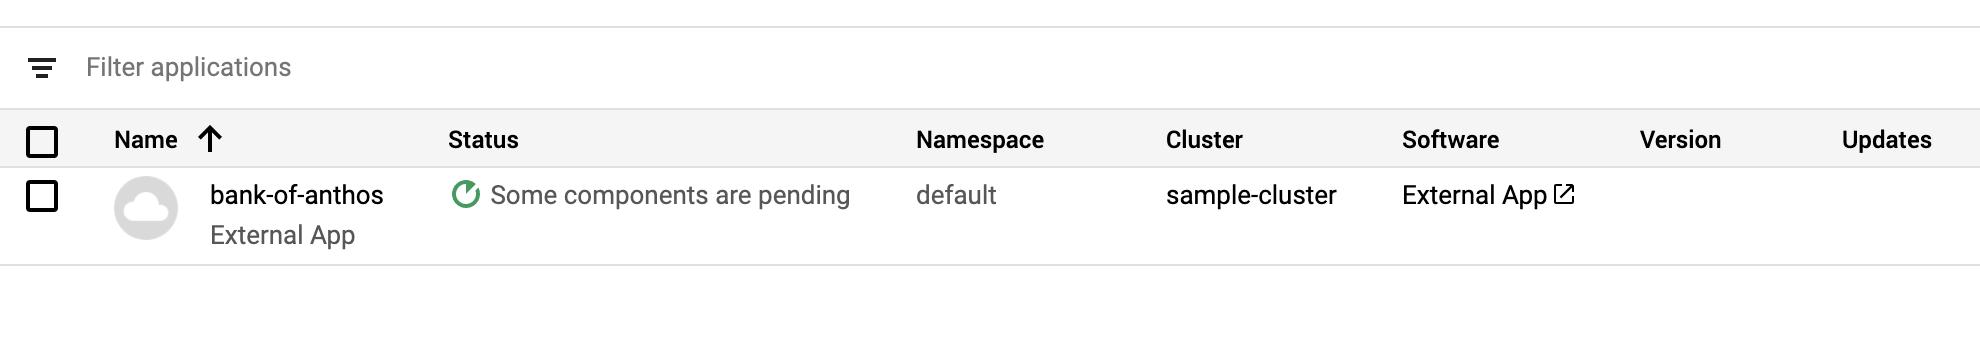 外部应用的软件类型采用超链接格式。